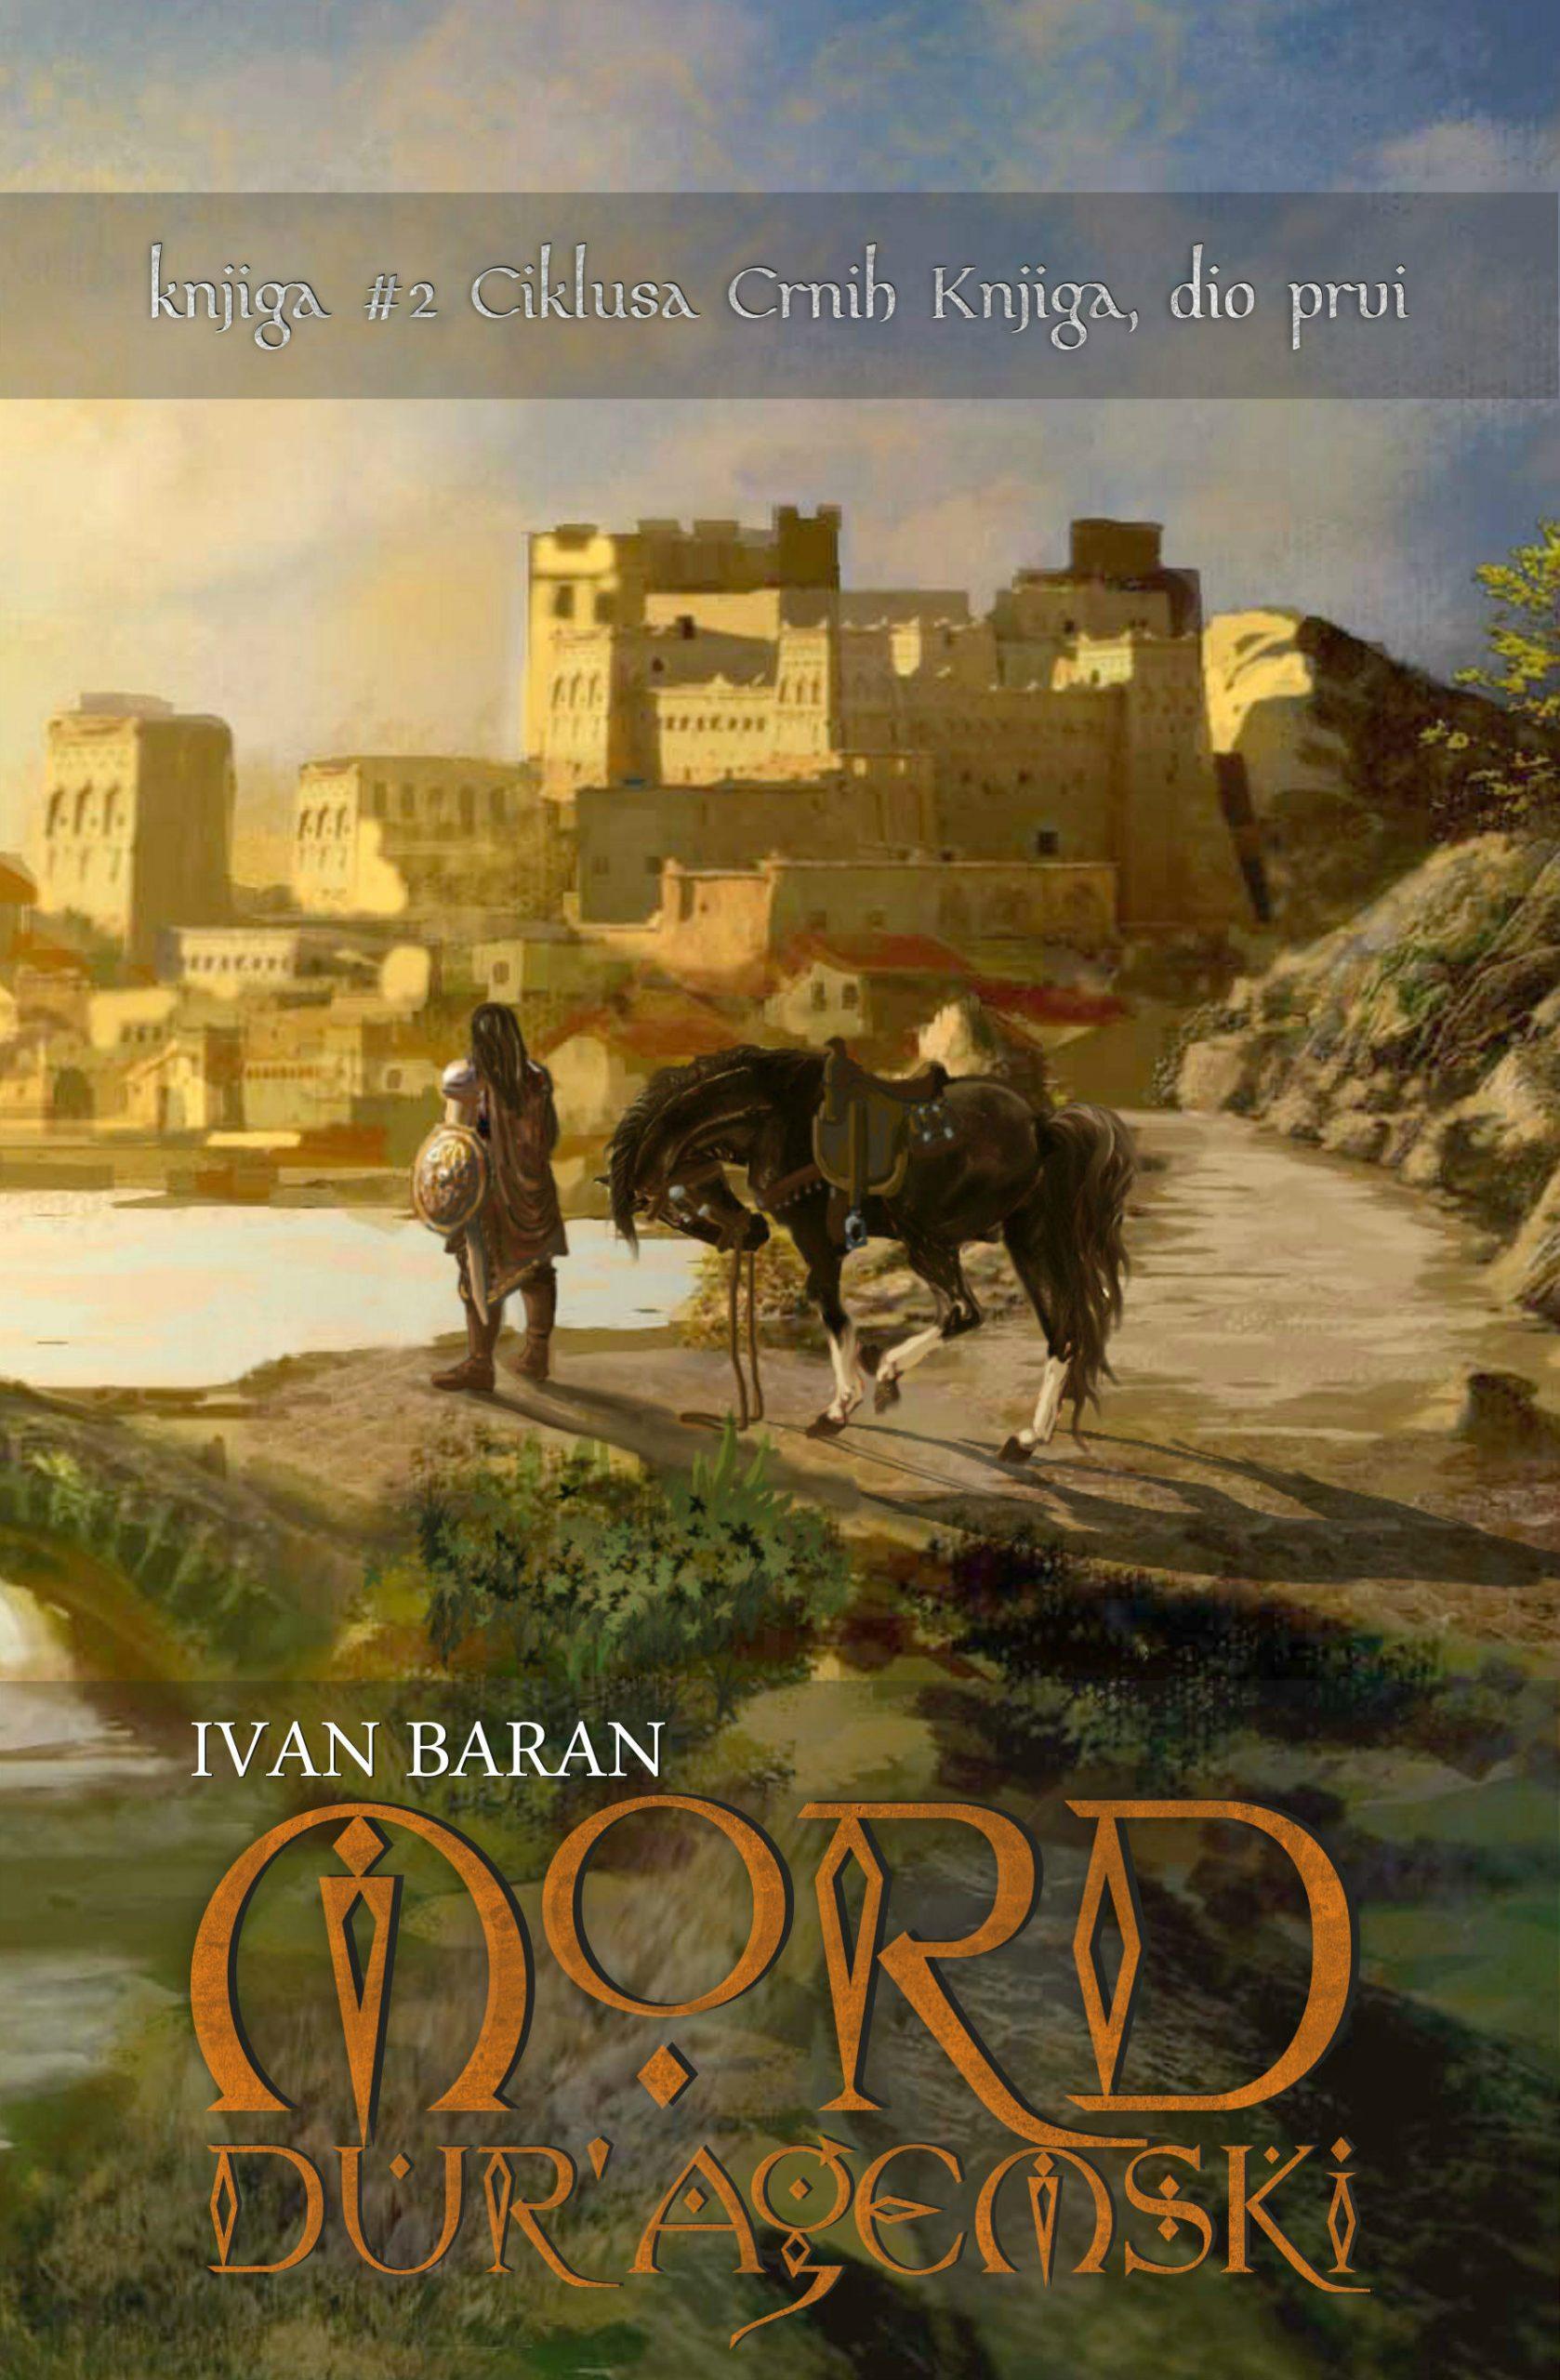 Mord Dur'agemski, dio prvi, knjiga druga Ciklusa Crnih Knjiga, poglavlja 1-5